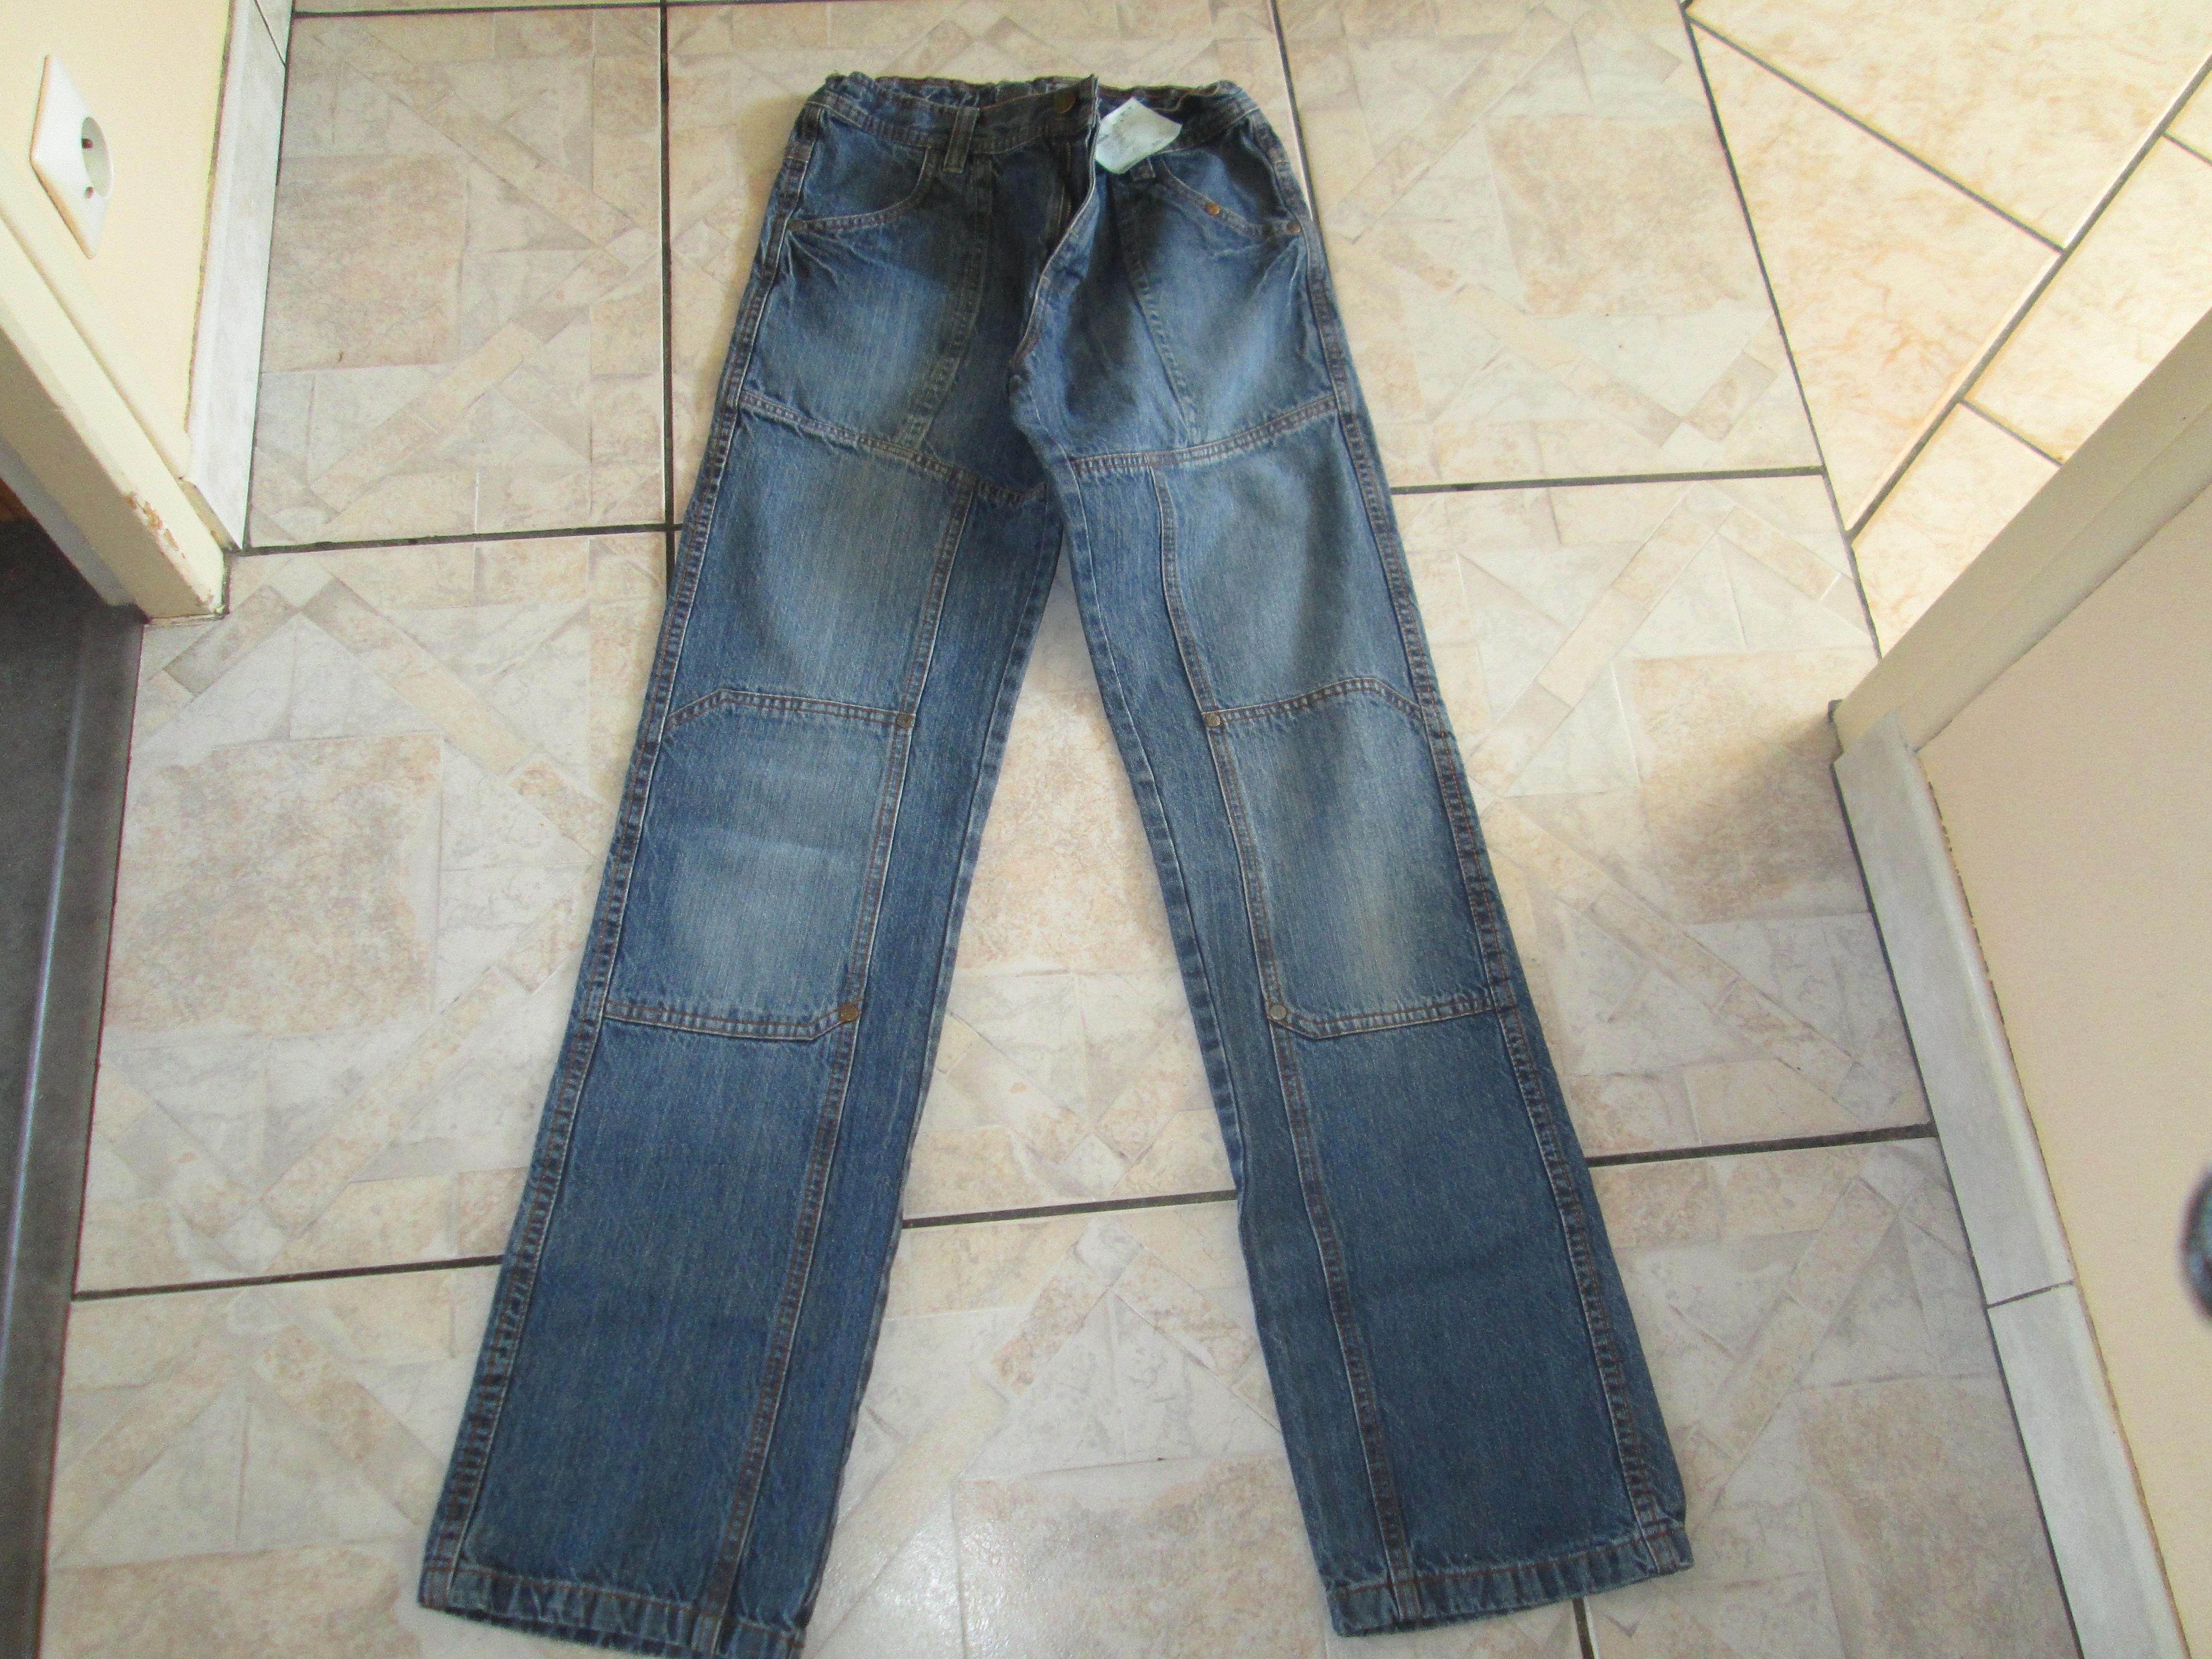 troc de troc pantalon de jeans 16 ans 5 noisettes image 0